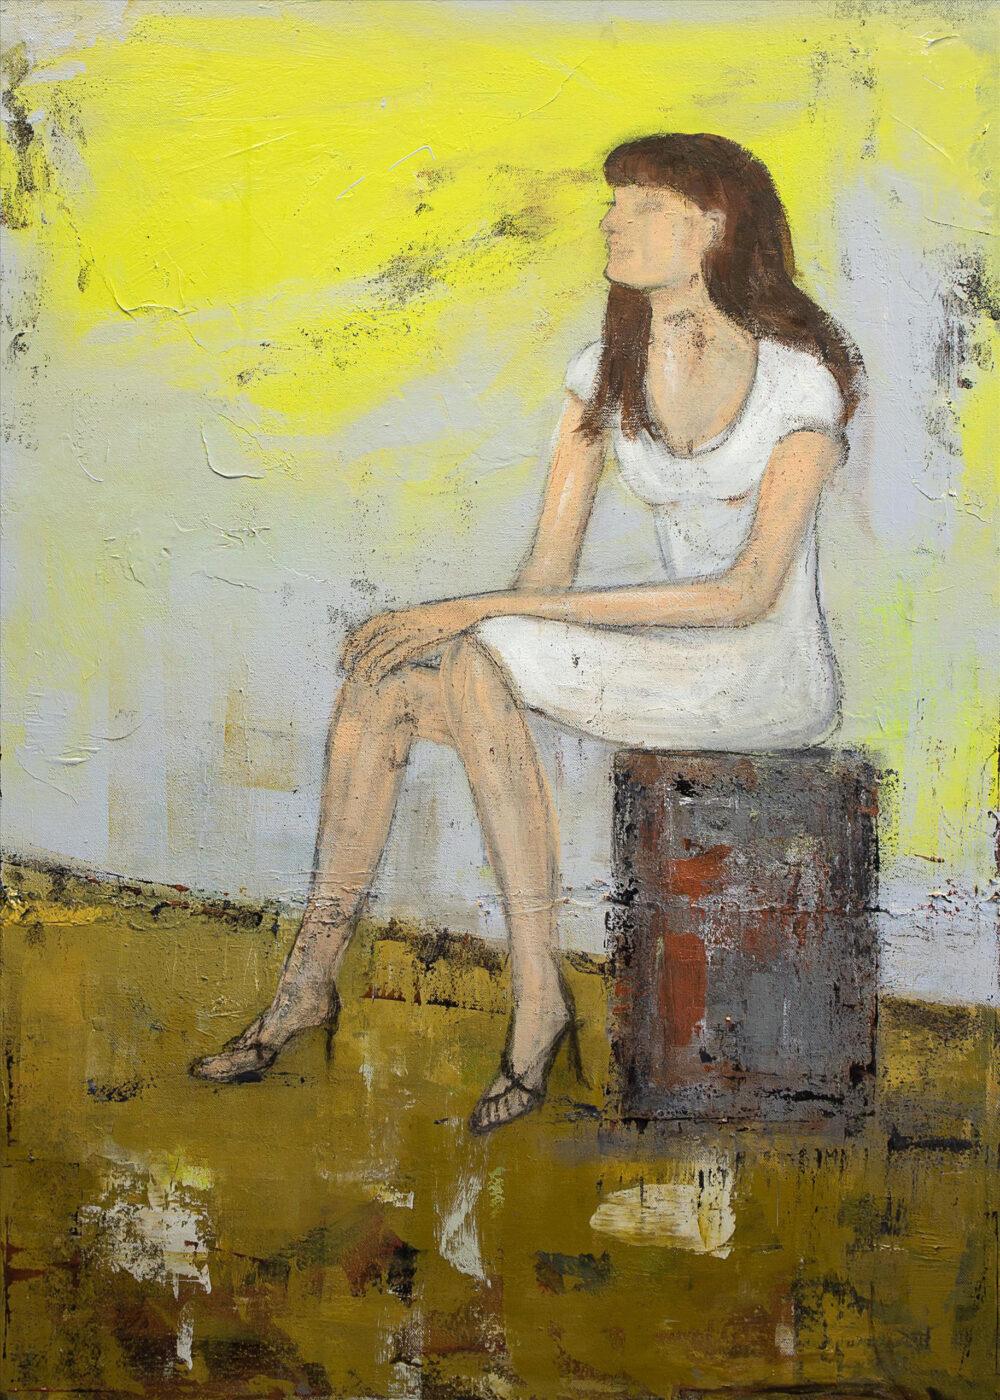 Das Gemälde zeigt eine junge Frau in einem weißen Kleid, schwarzen Riemchensandalen mit Absatz und offenen, langen braunen Haaren, die in der angedeuteten Sonne auf einem Koffer sitzt und wirkt, als würde sie gerade eine kurze Pause machen und sich entspannen.